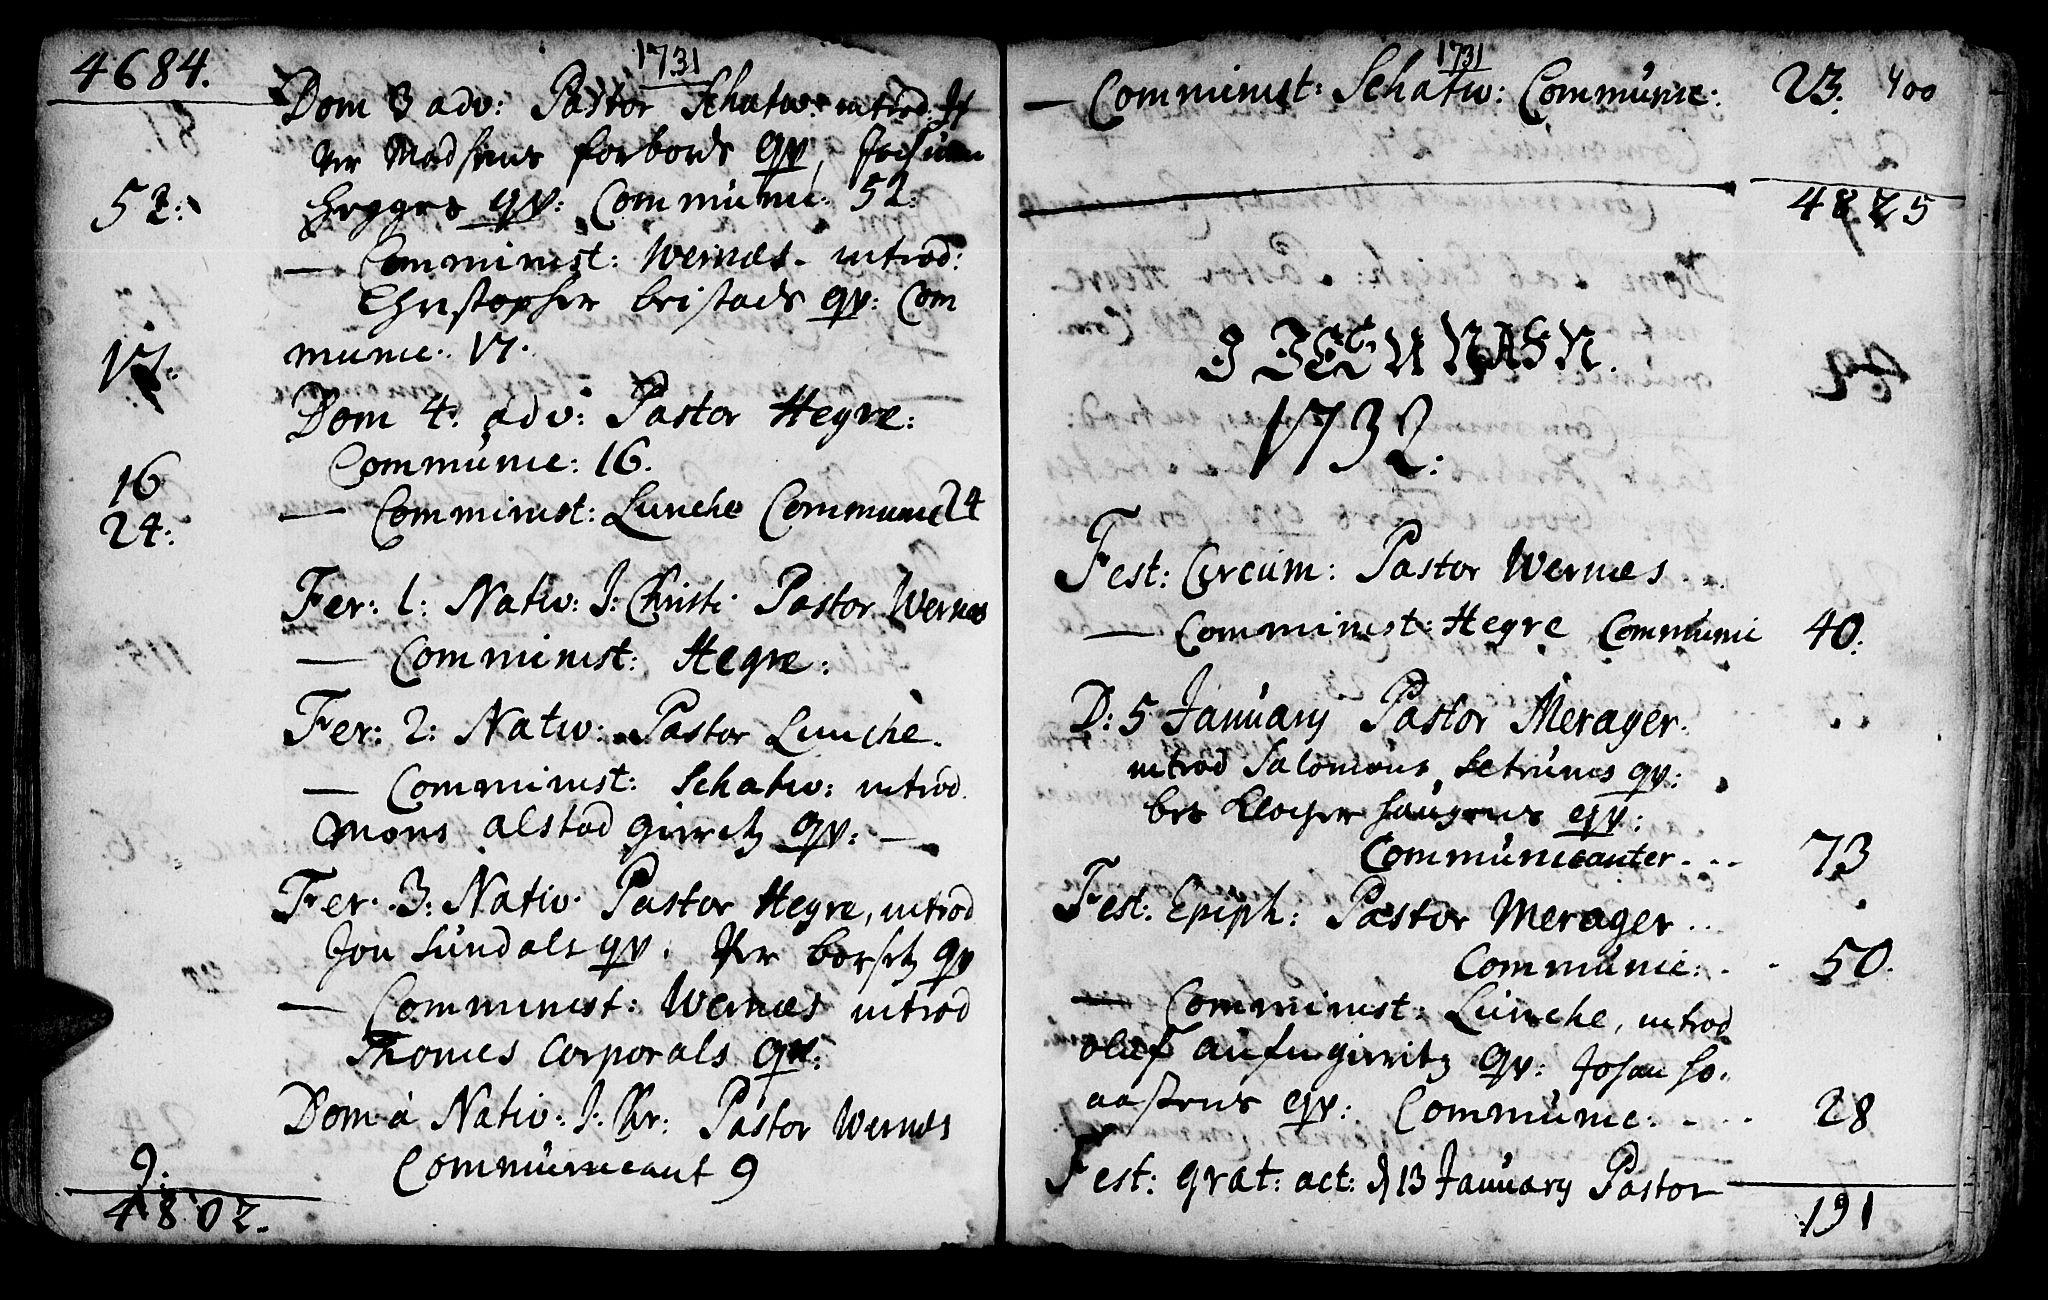 SAT, Ministerialprotokoller, klokkerbøker og fødselsregistre - Nord-Trøndelag, 709/L0054: Ministerialbok nr. 709A02, 1714-1738, s. 399-400